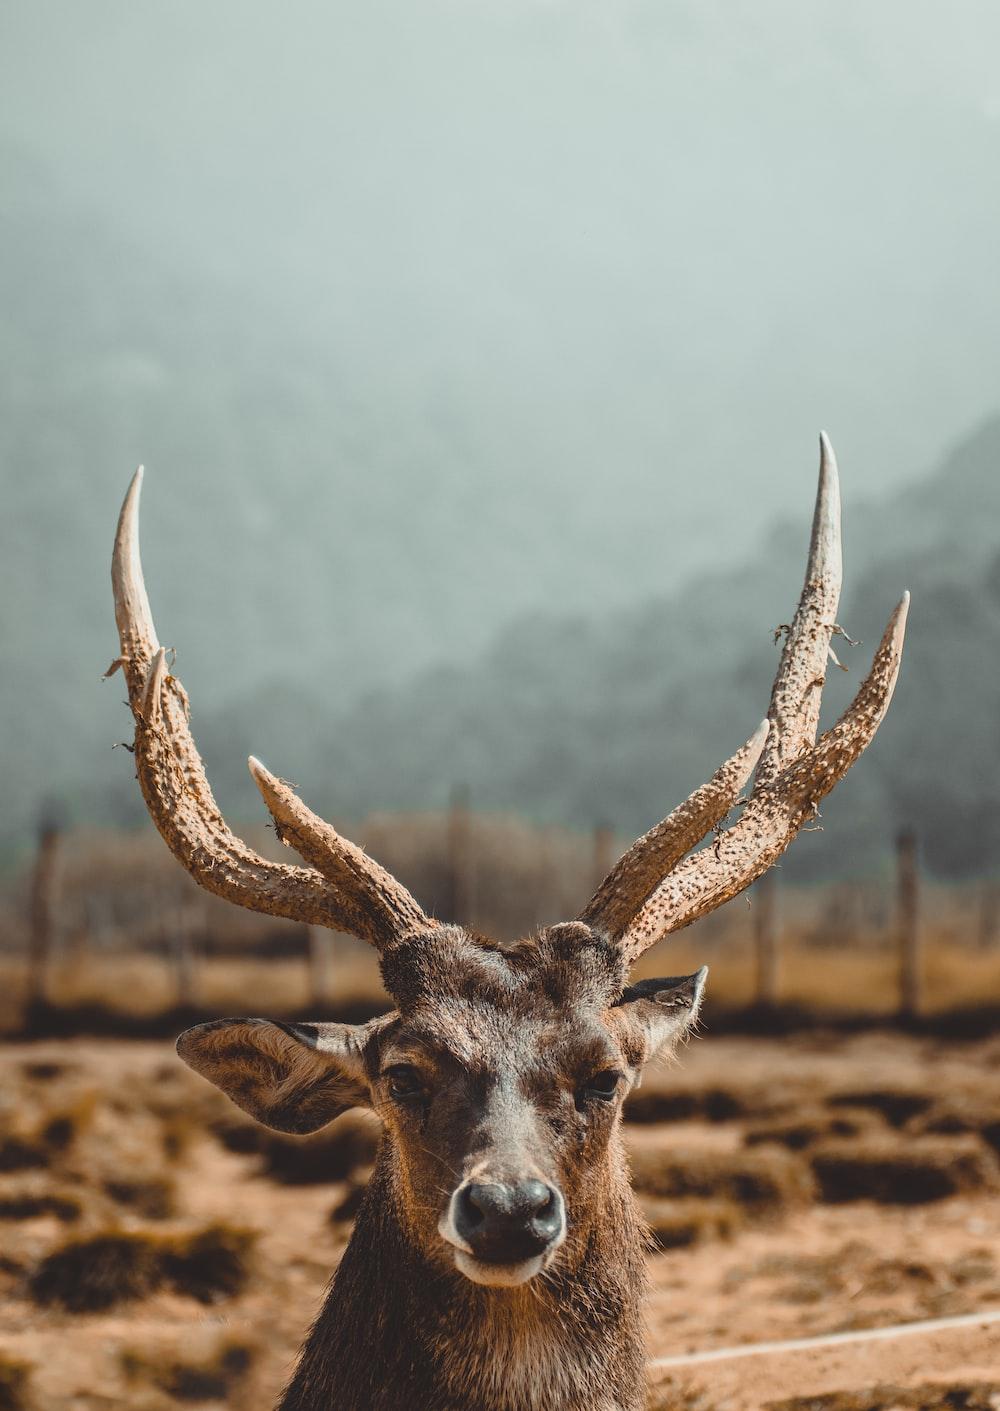 brown deer on brown field during daytime